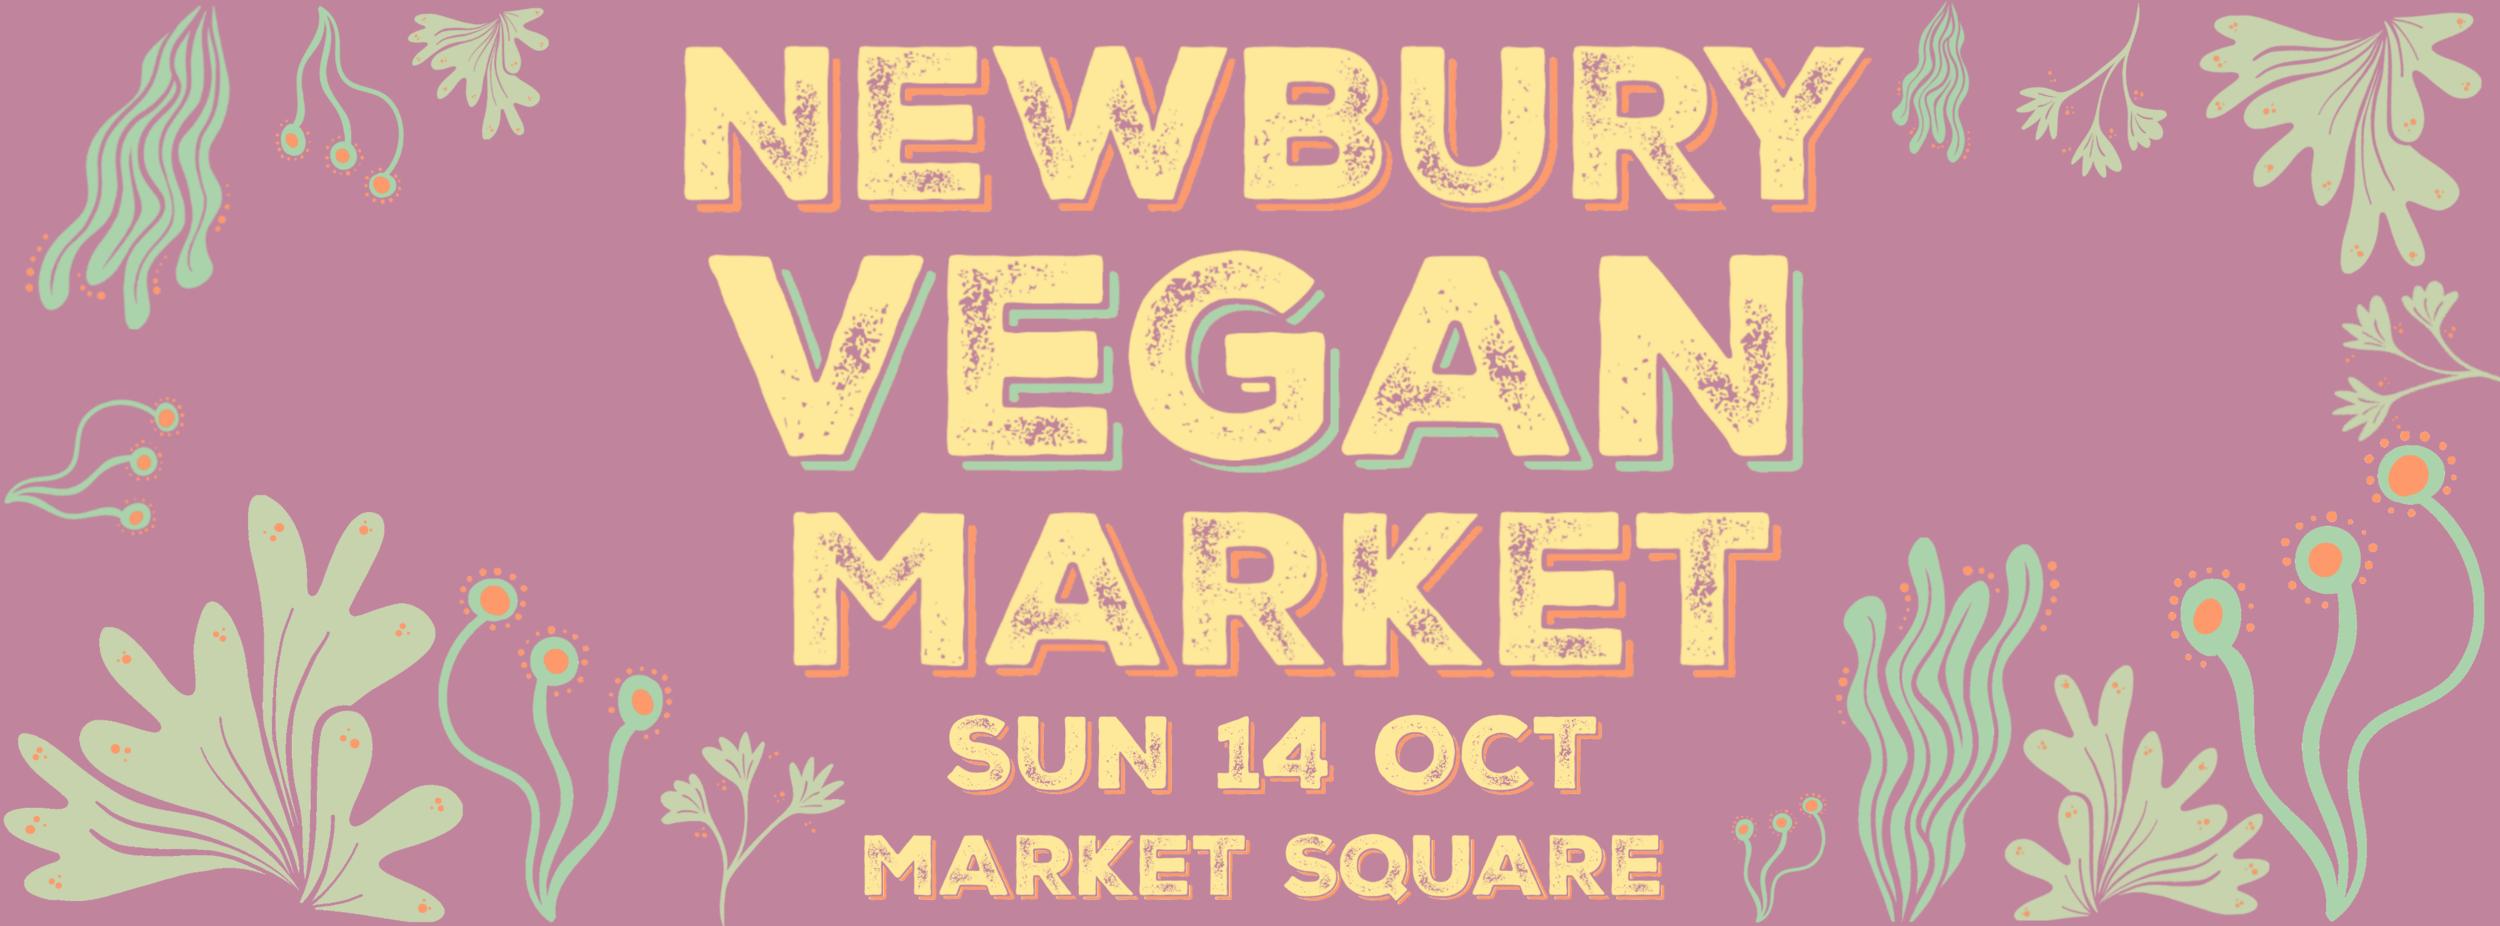 Newbury Vegan Coverphoto dates.png